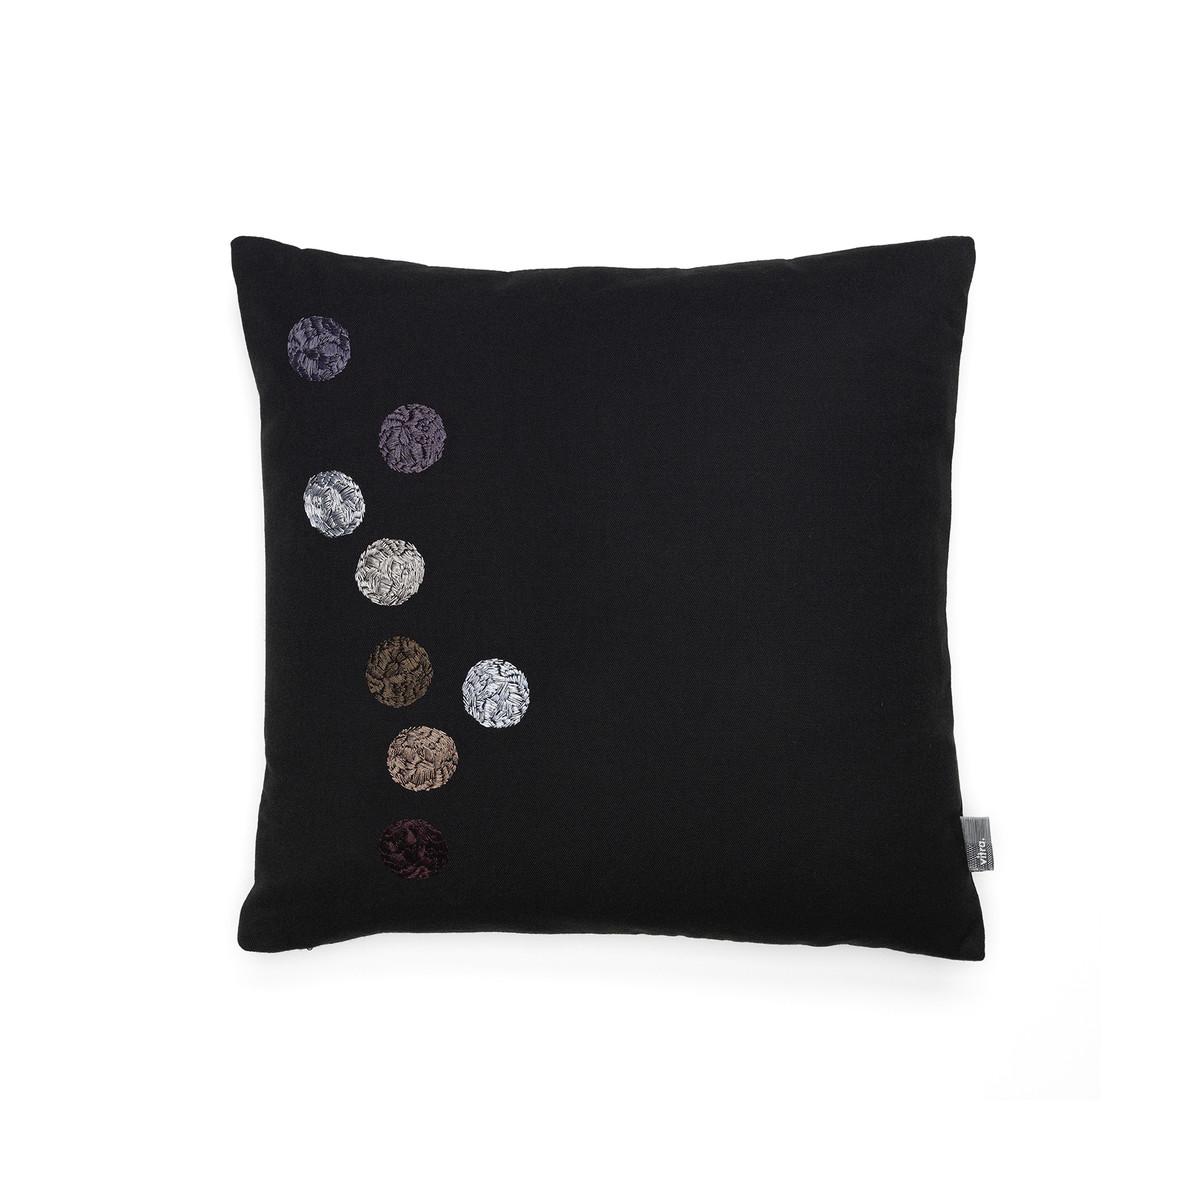 vitra dot kissen 40 x 40 cm schwarz schwarz t 40 b 40 online kaufen bei woonio. Black Bedroom Furniture Sets. Home Design Ideas